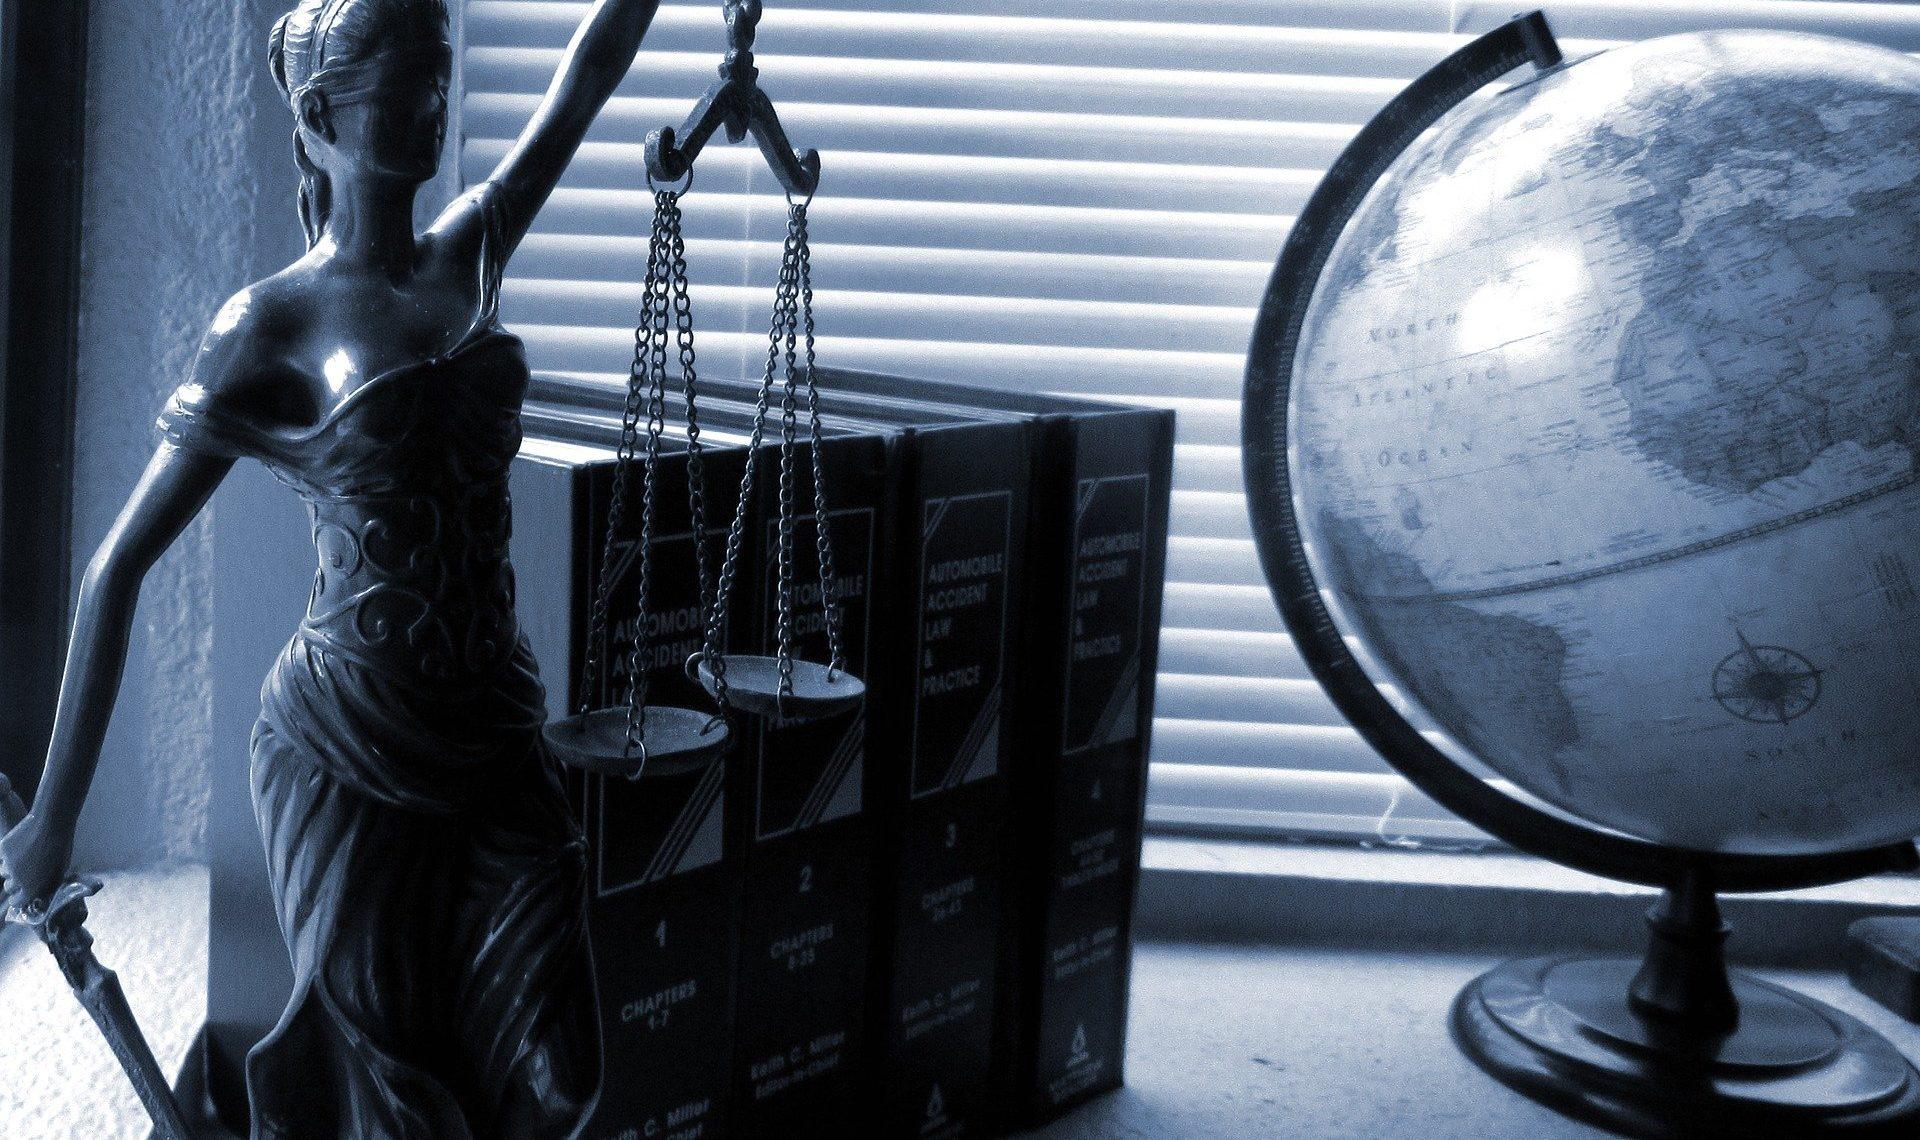 Le gérant, l'intérêt social et la révocation judiciaire